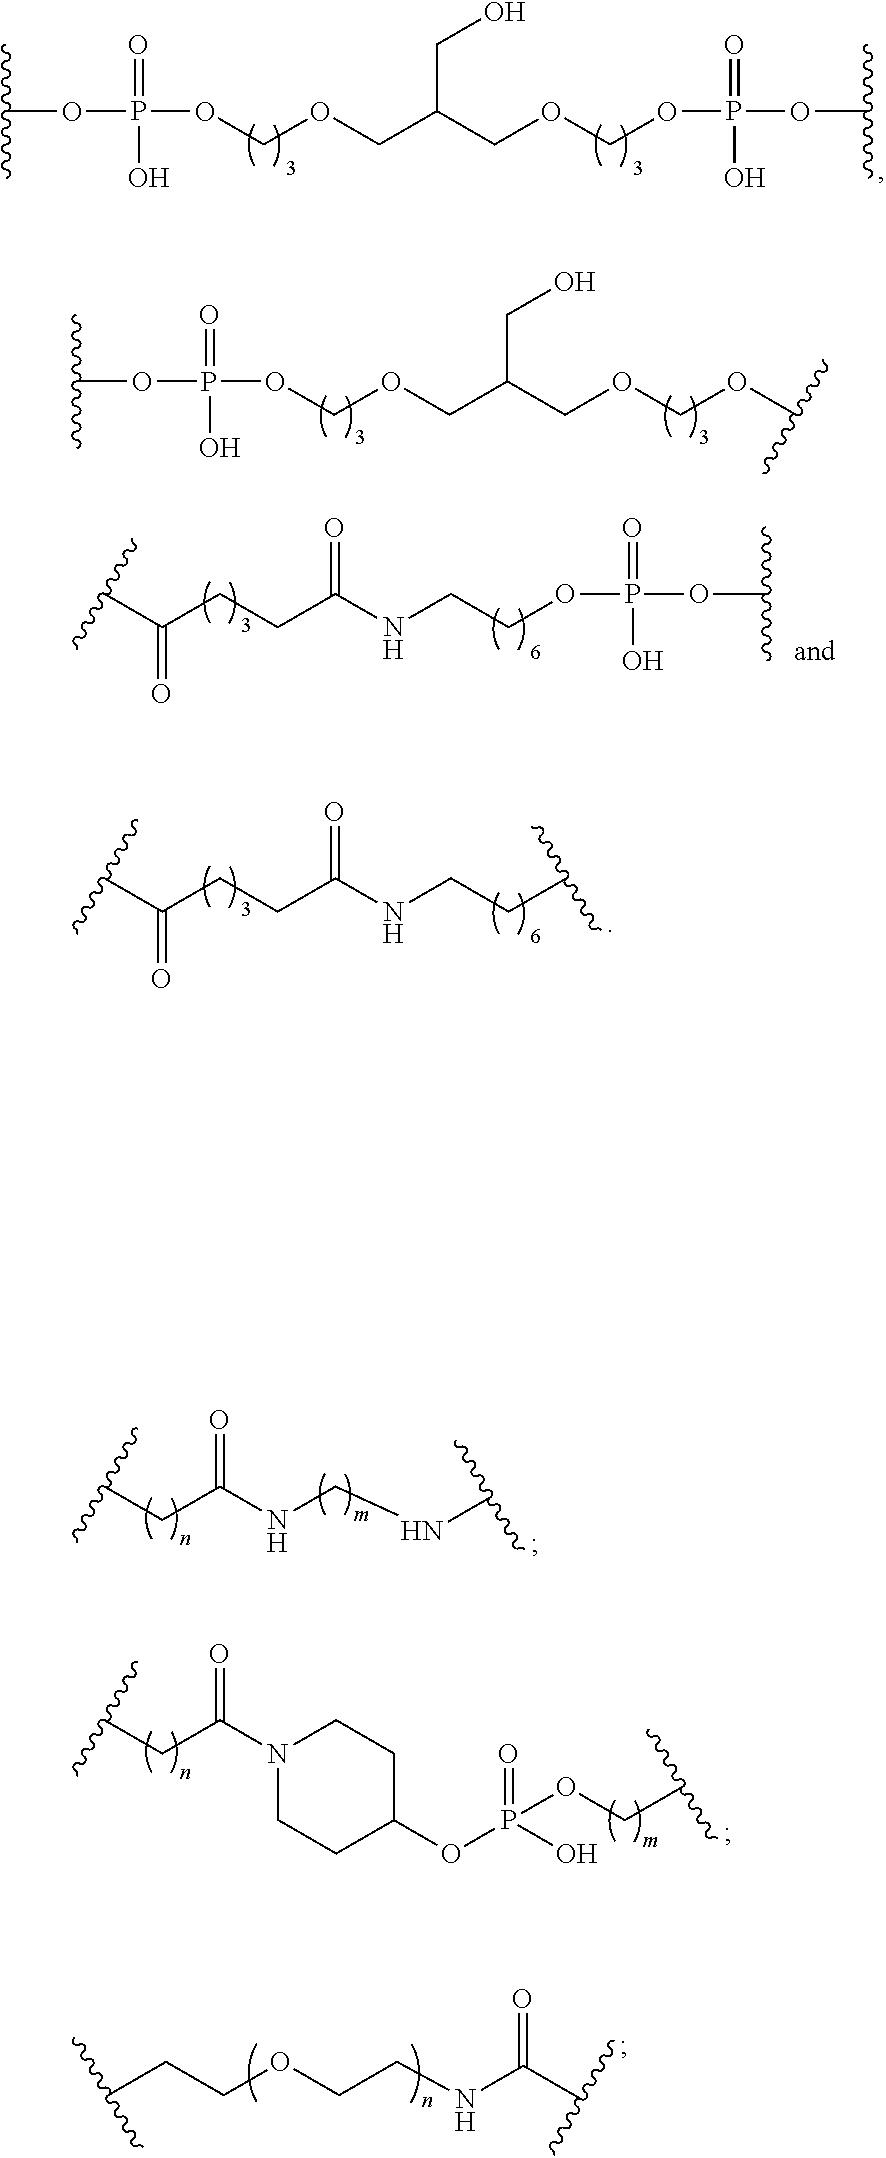 Figure US09957504-20180501-C00024